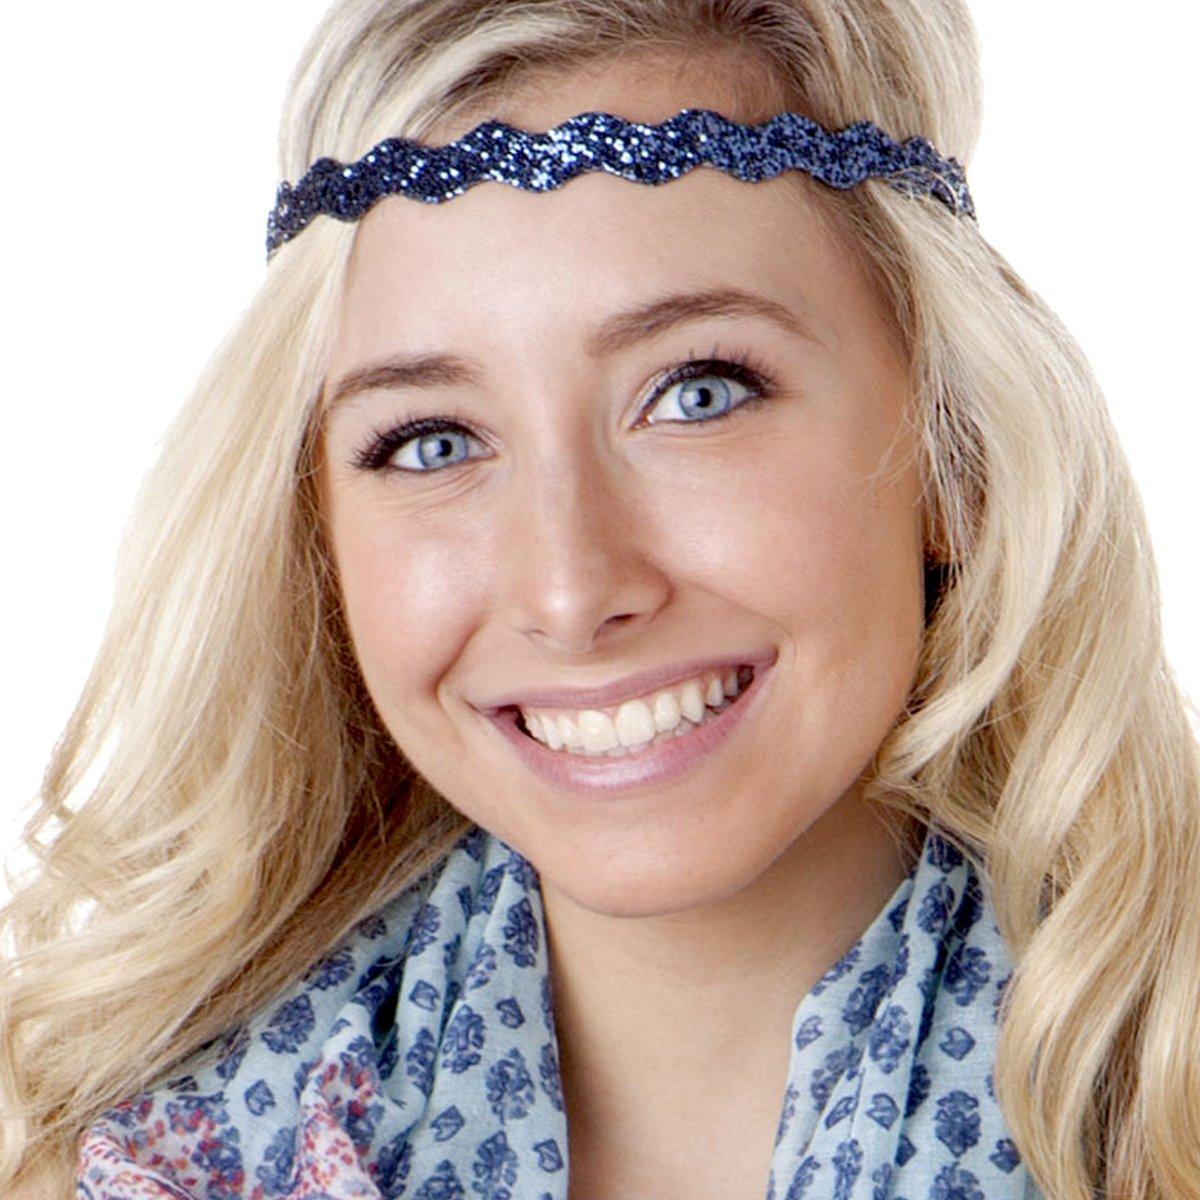 Hipsy Adjustable Non Slip Wave Bling Glitter Headband for Women Girls & Teens (Navy Blue)